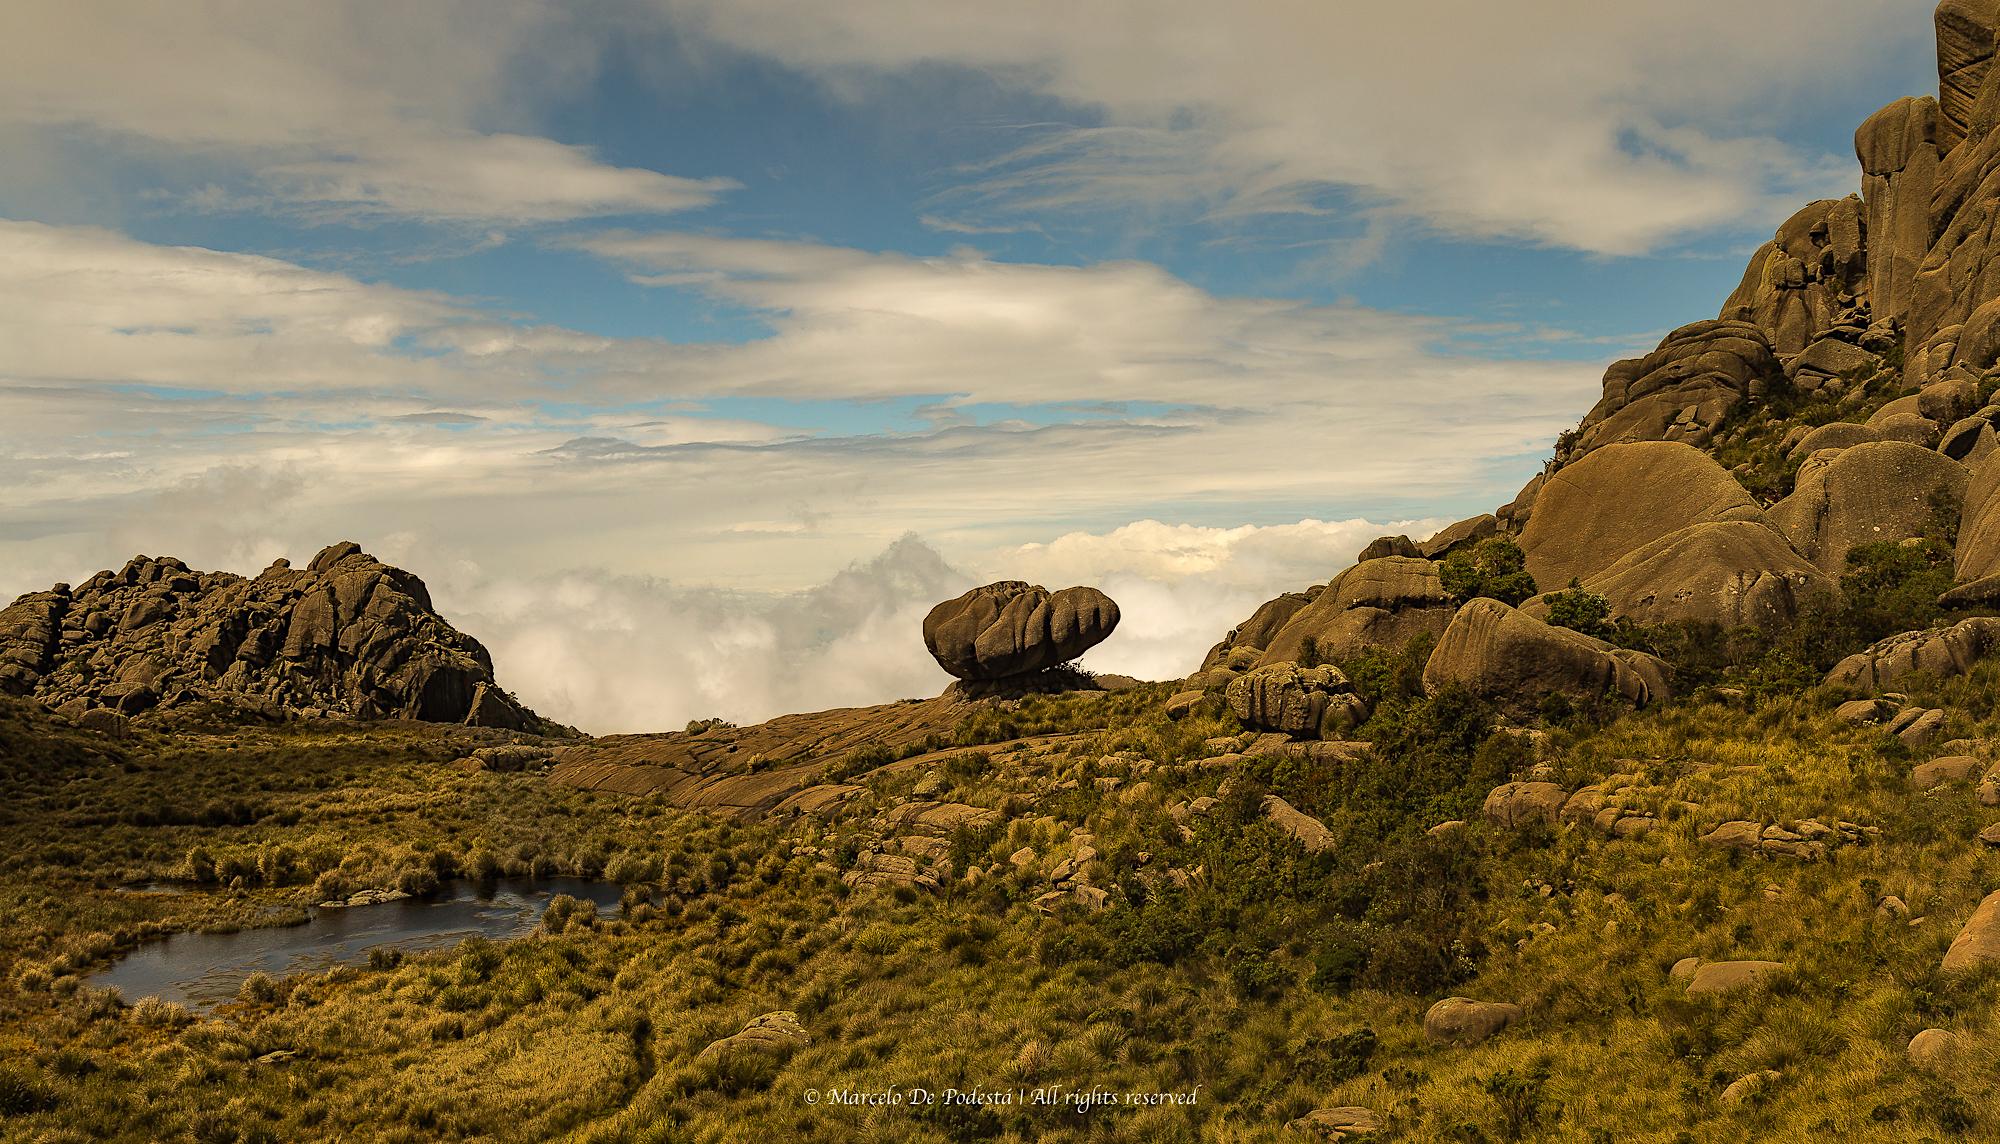 Parque Nacional do Itatiaia – Wikipédia, a enciclopédia livre